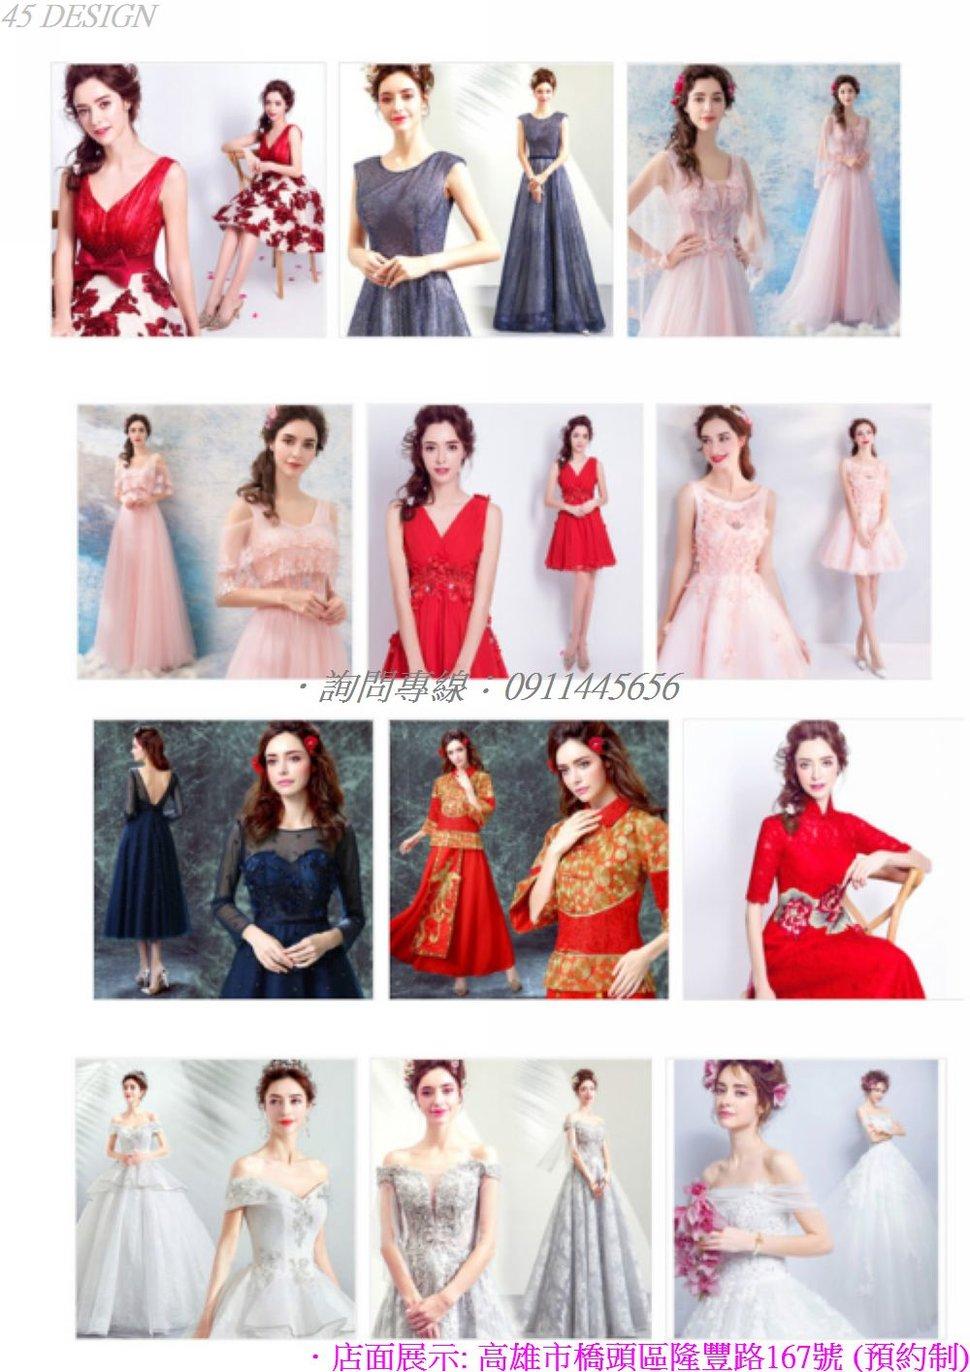 msl1908155BE51CF086484EE596271FC52A0F5C4F - 全台最便宜-45DESIGN四五婚紗禮服《結婚吧》